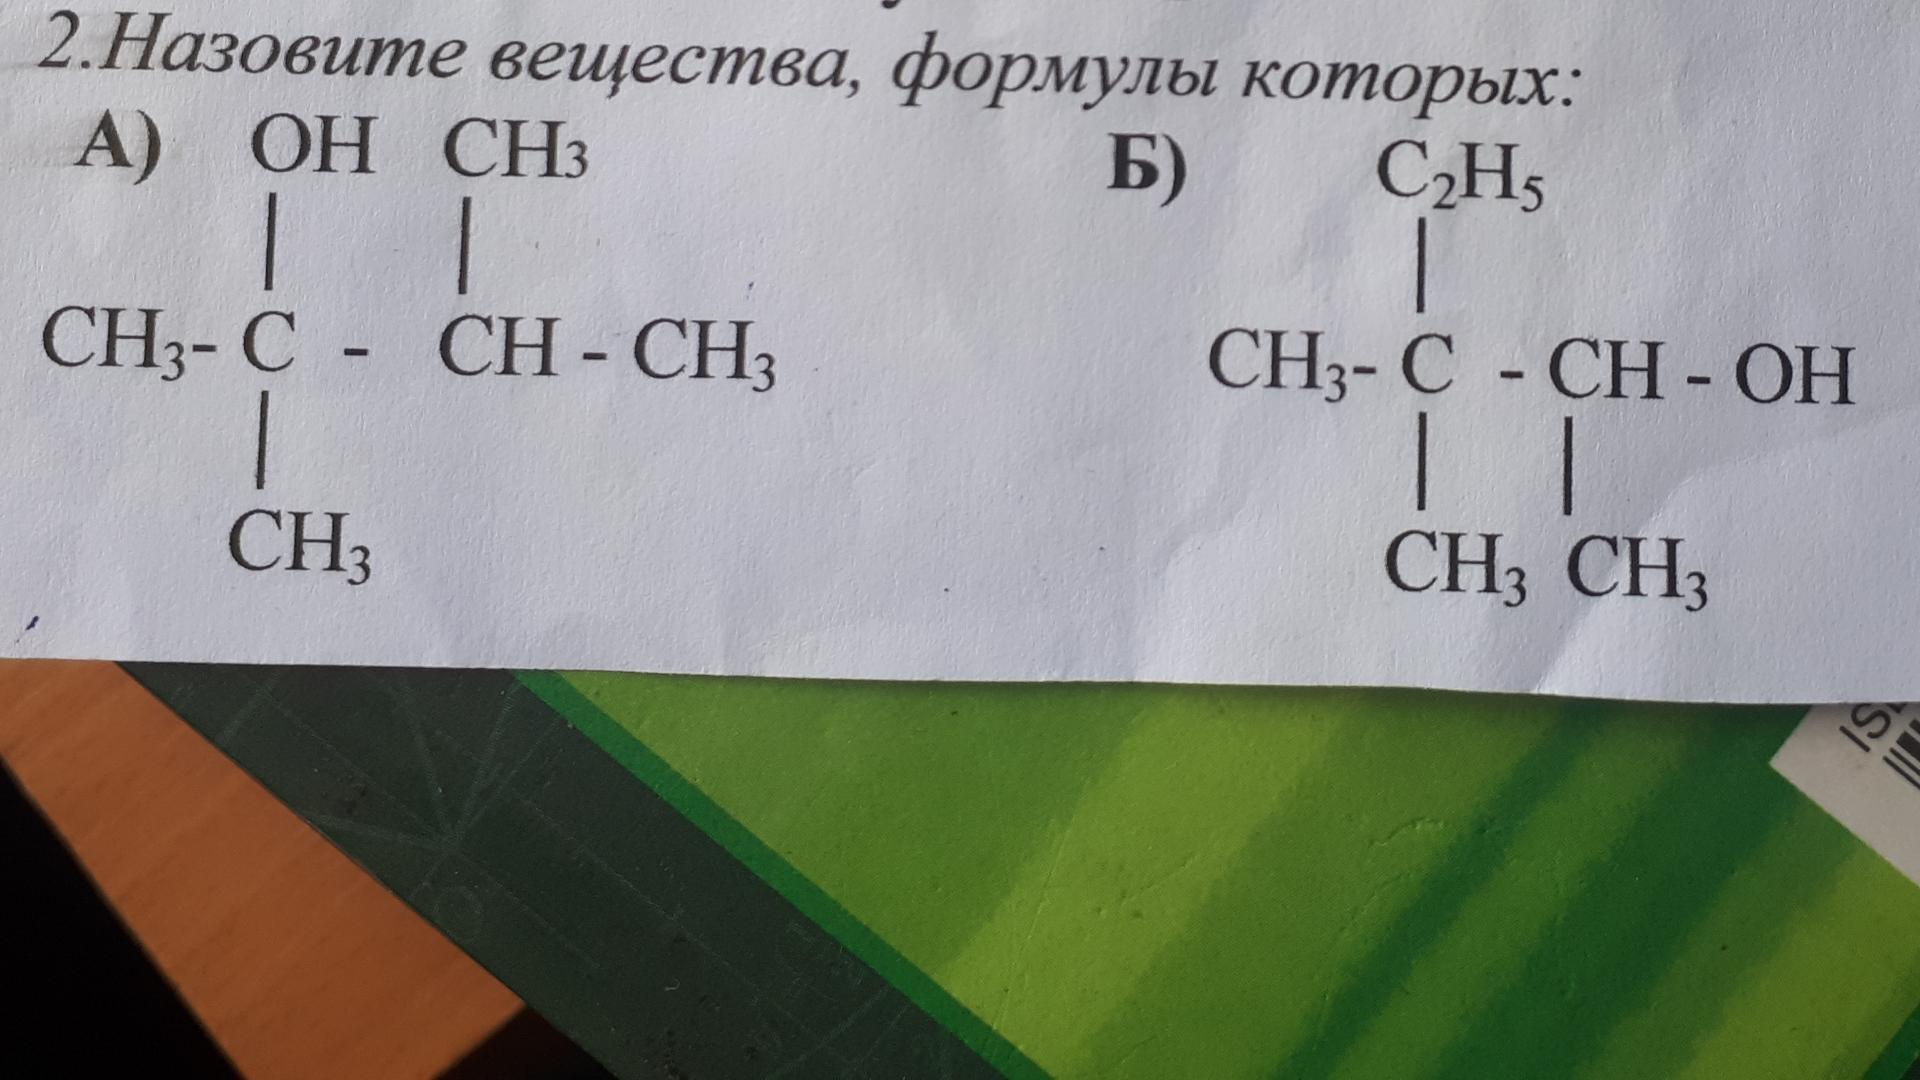 Назовите вещества,формулы которых